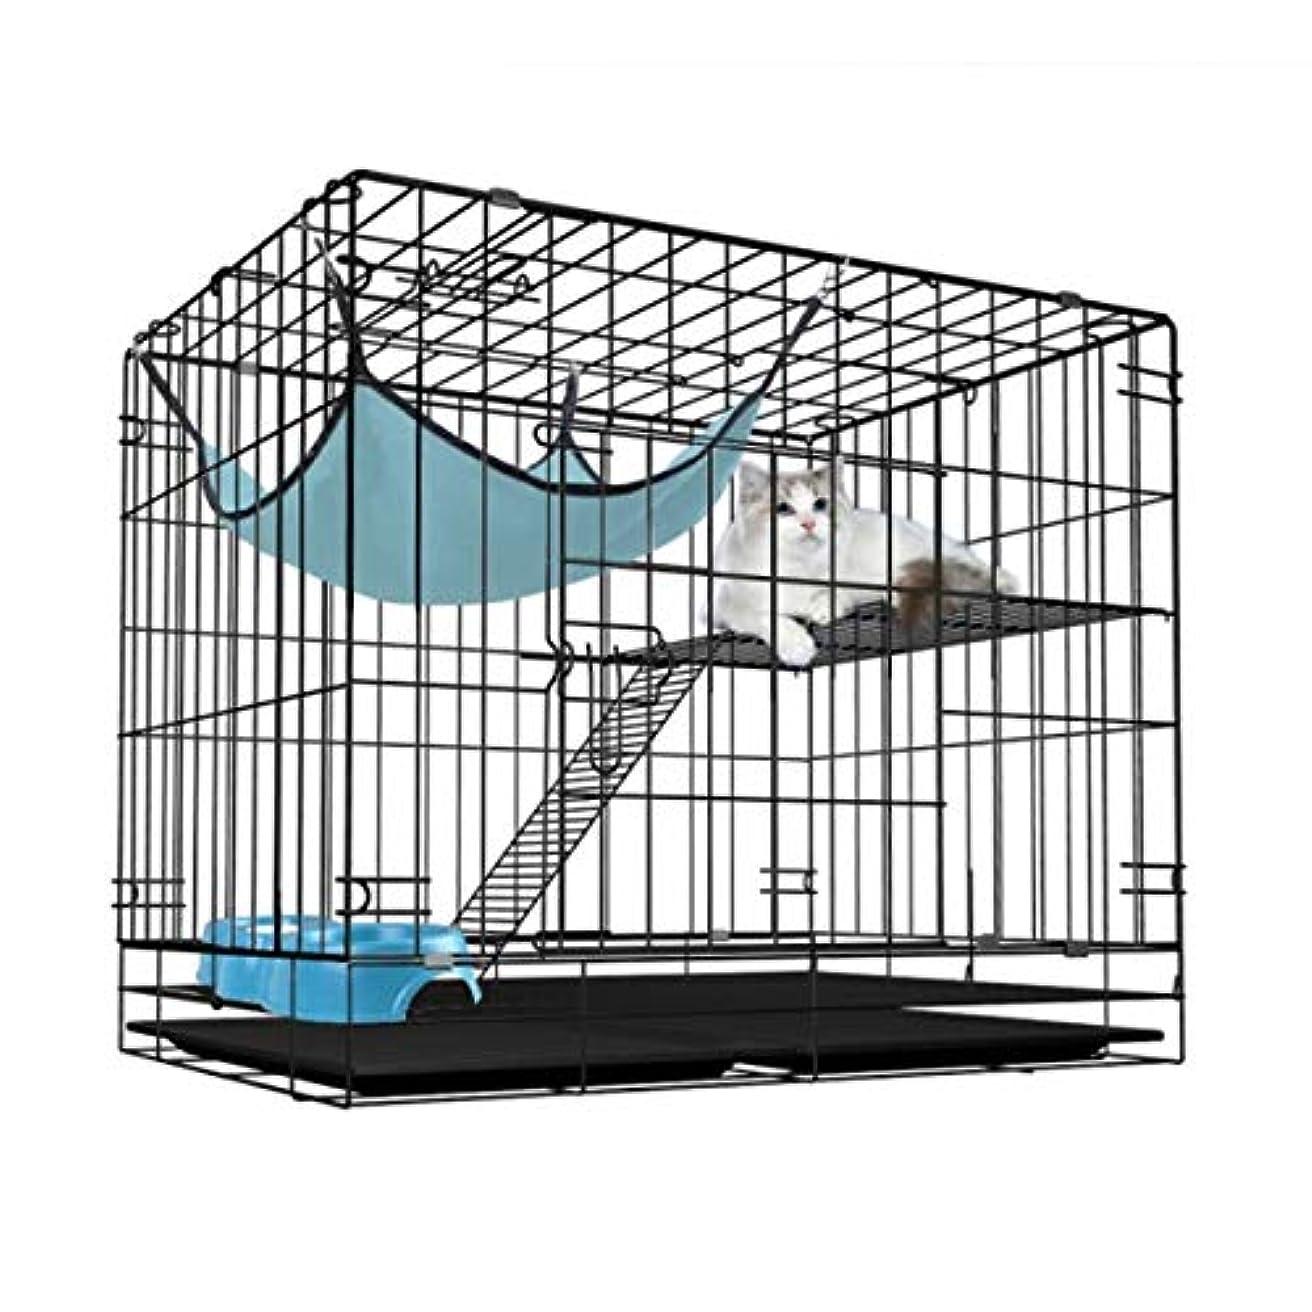 期間精神的に幻想HRXD 猫ケージ折りたたみ猫ケージ猫ケージ猫ハウス猫の巣 (Color : Black)